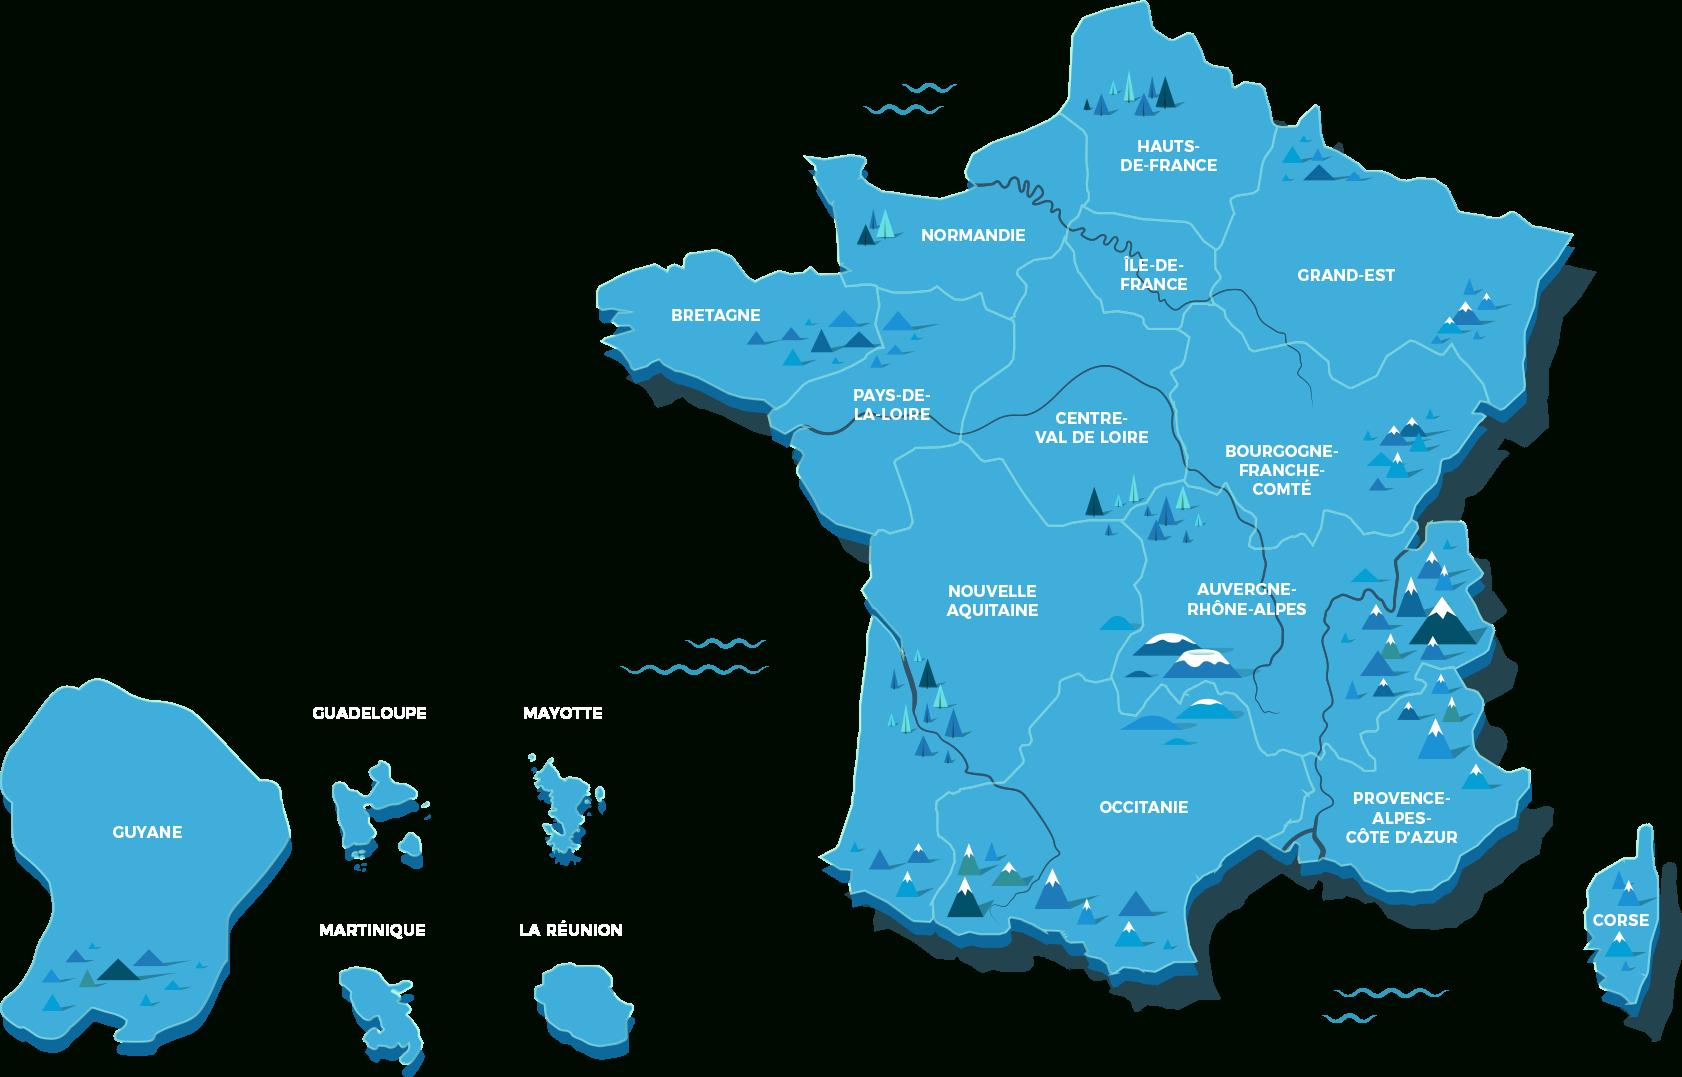 Les Régions De France - Jeu Géographie | Lumni serapportantà Apprendre Les Régions De France